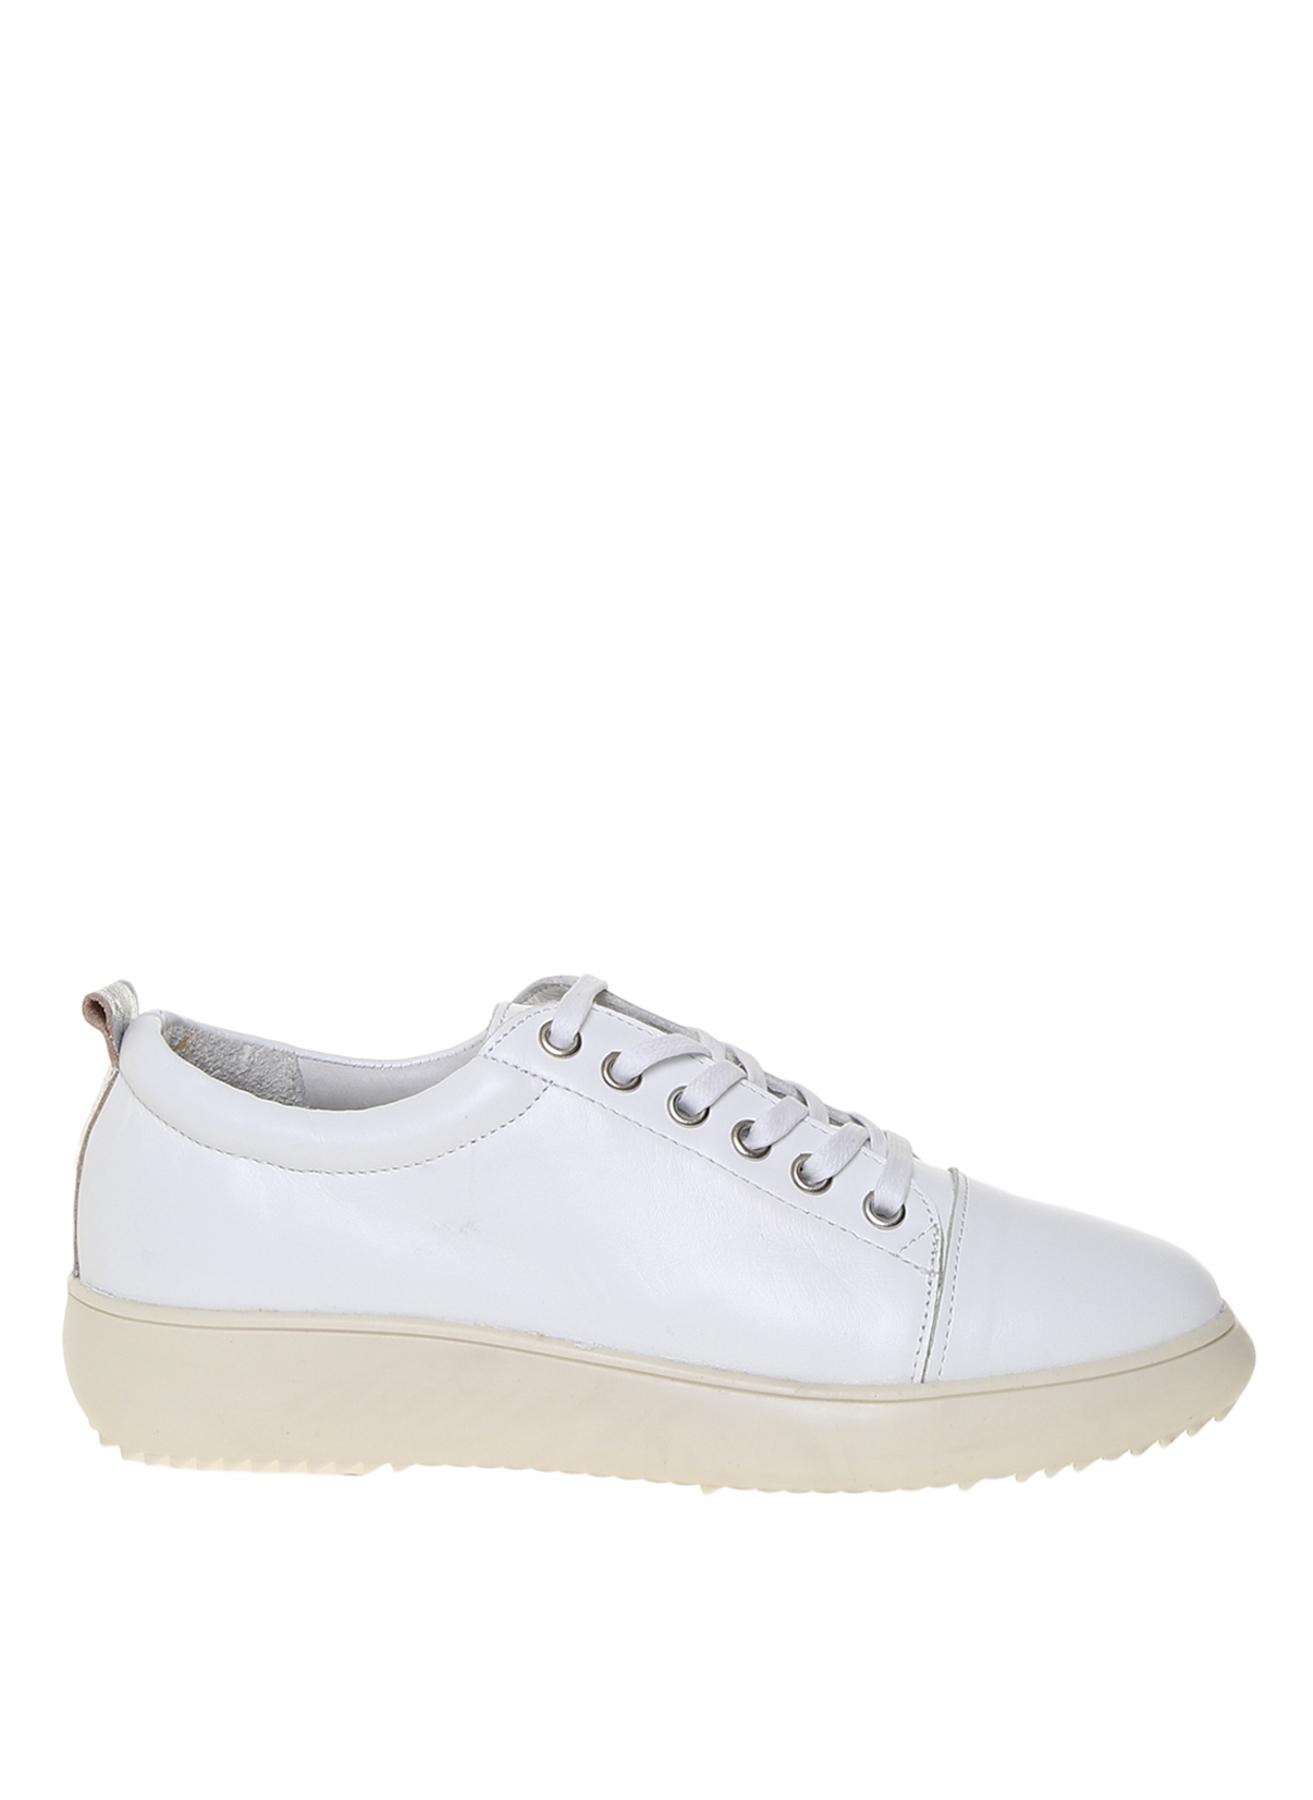 Penford Kadın Deri Beyaz Düz Ayakkabı 37 5001909804002 Ürün Resmi